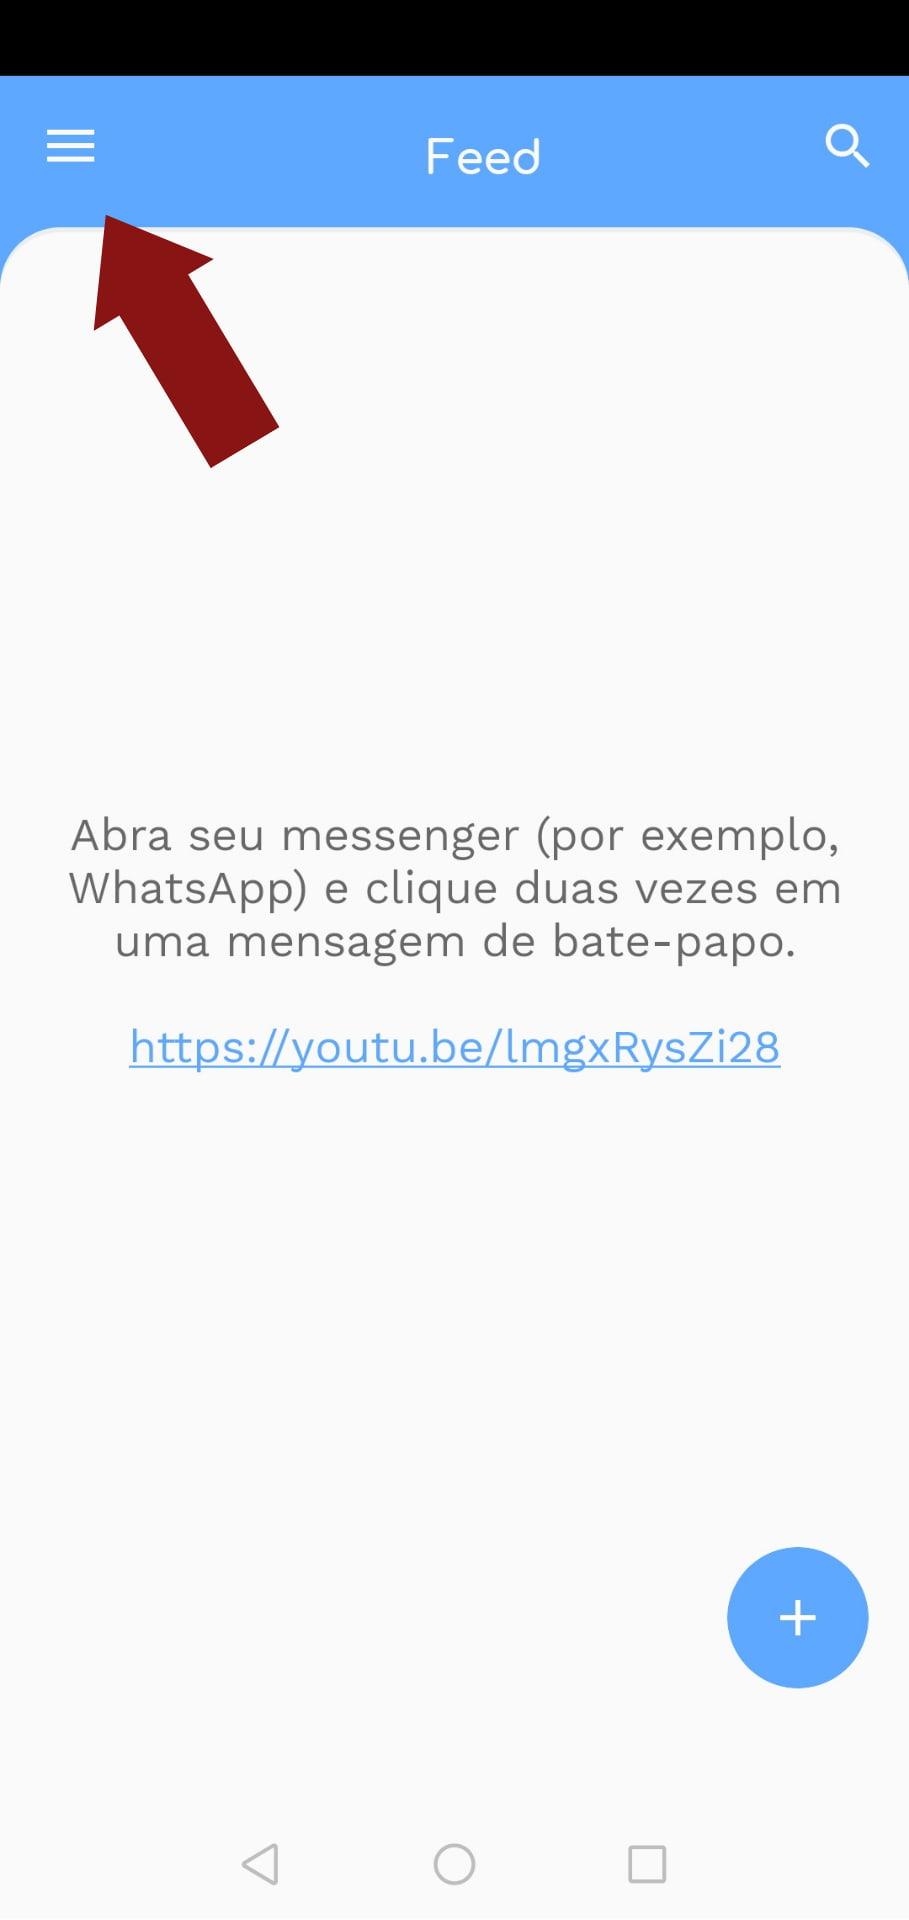 Agendar mensagens.